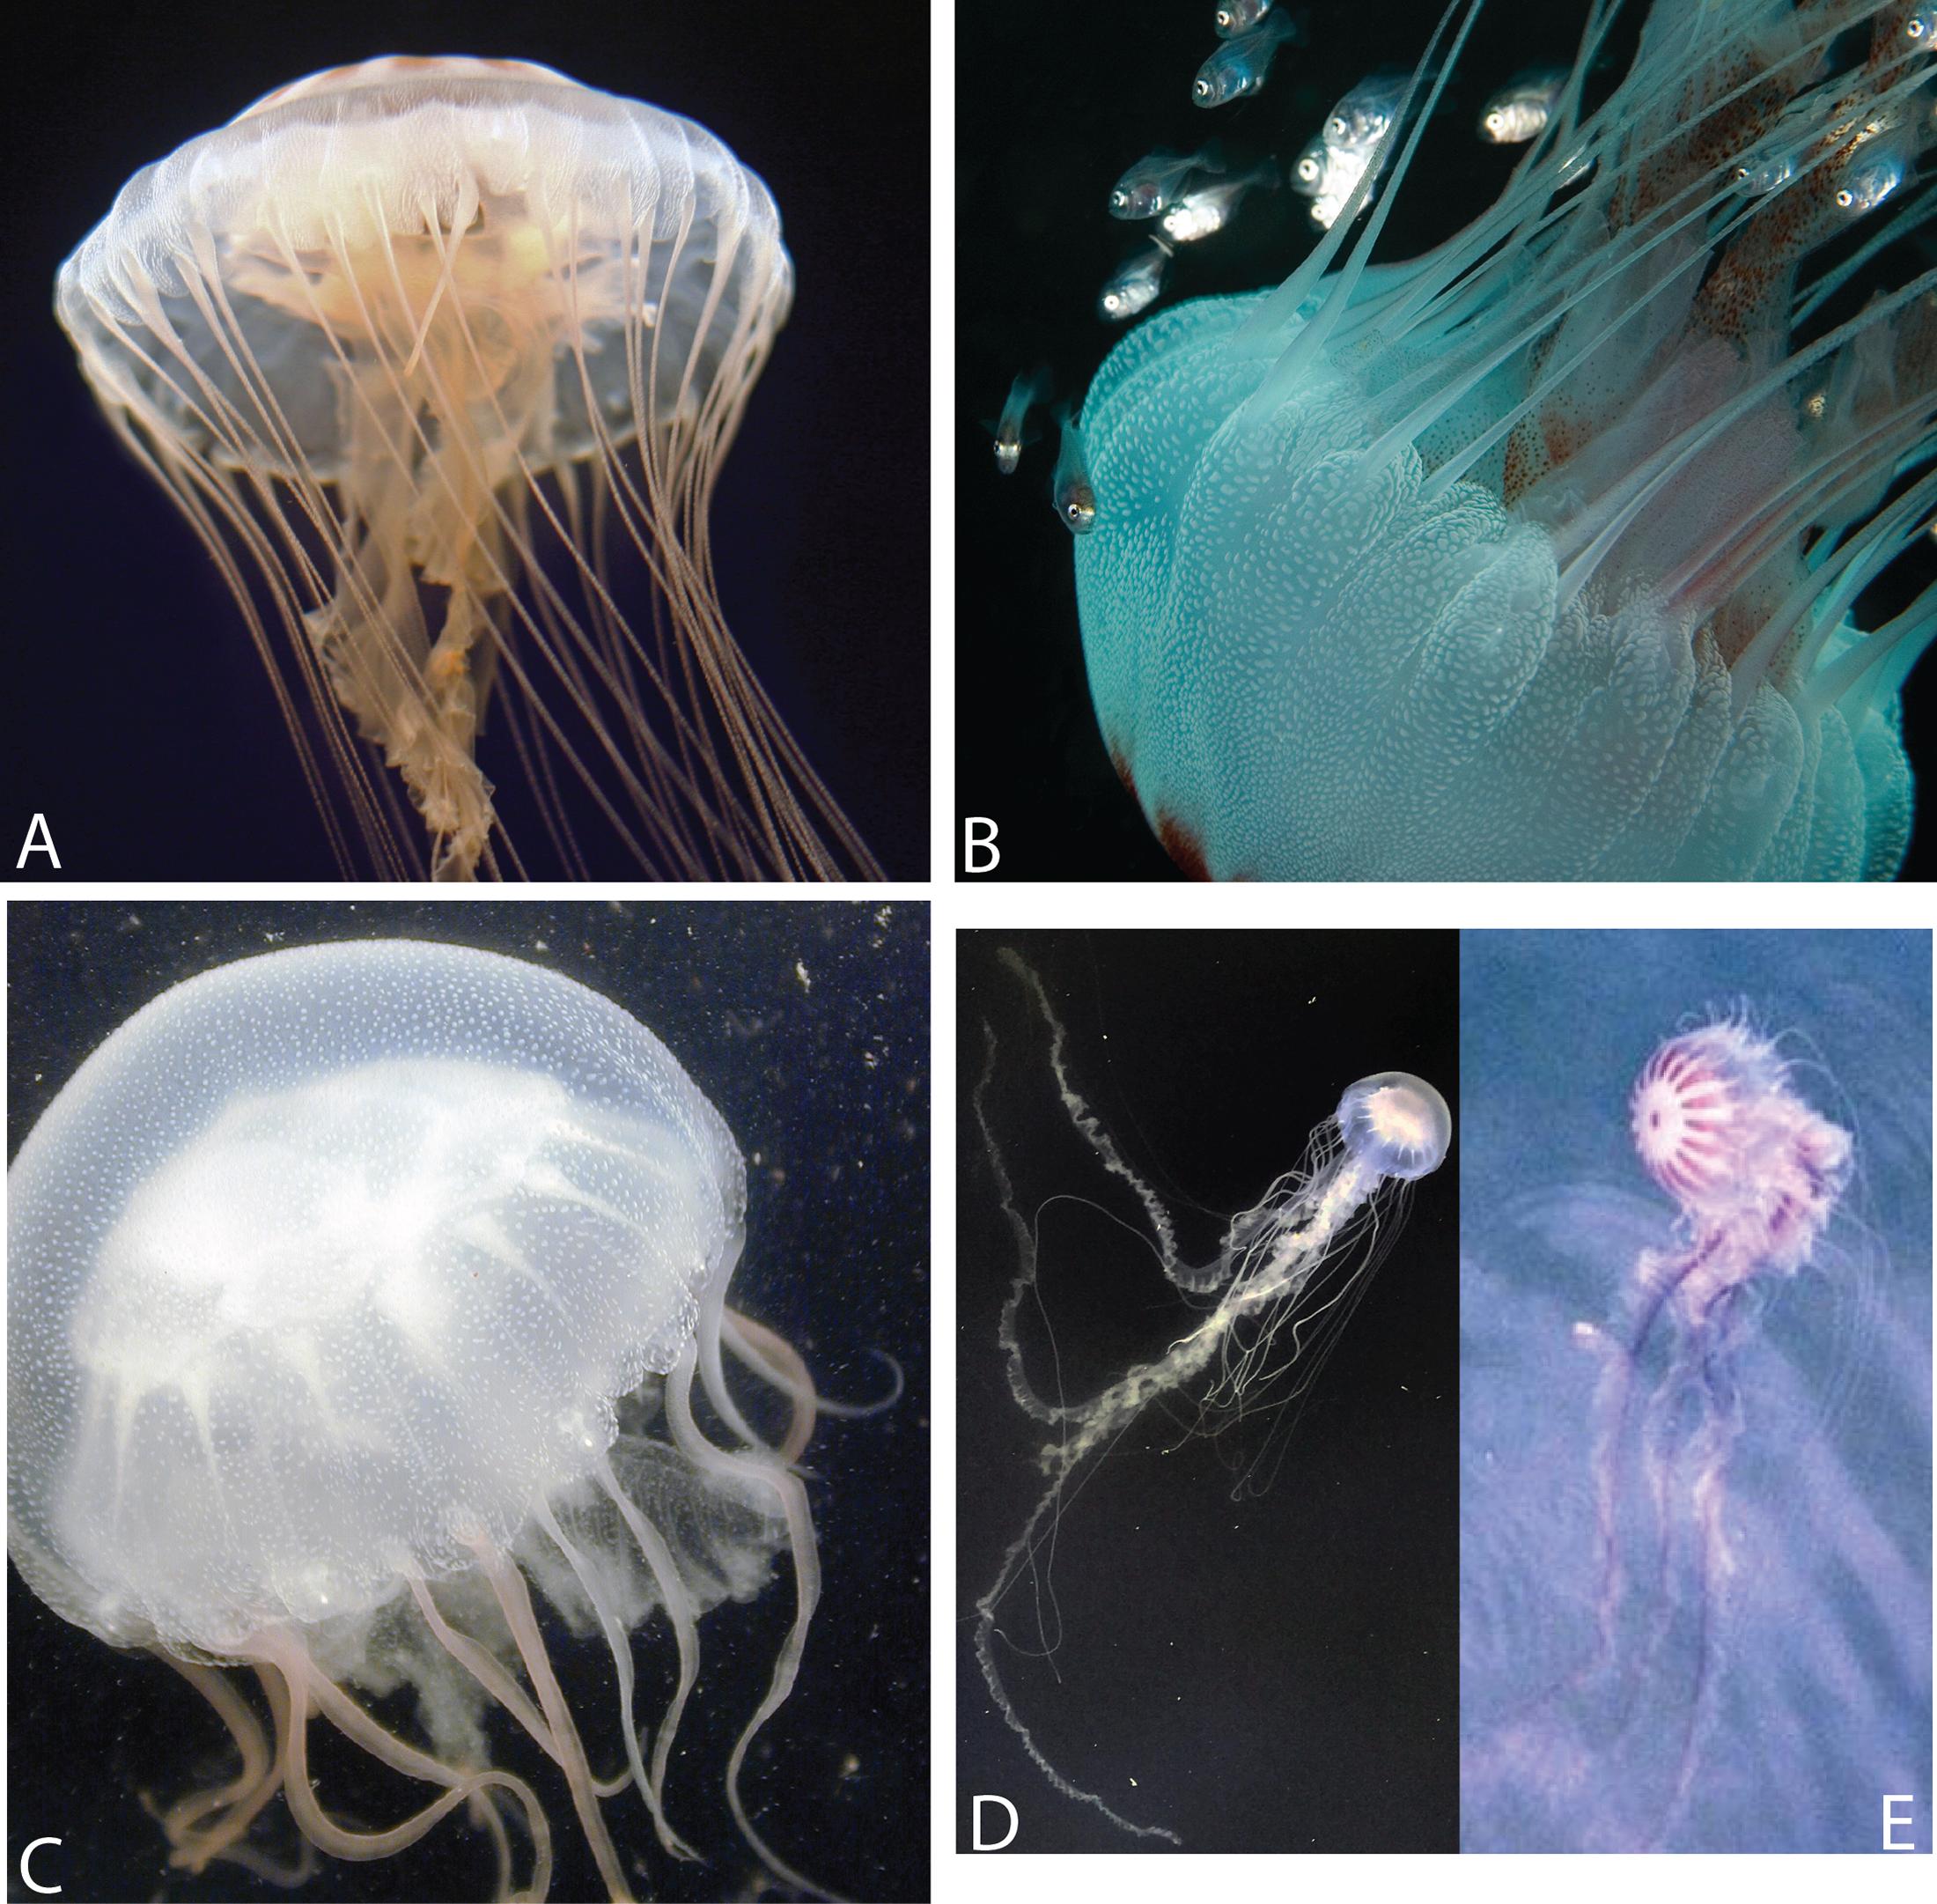 Multigene phylogeny of the scyphozoan jellyfish family